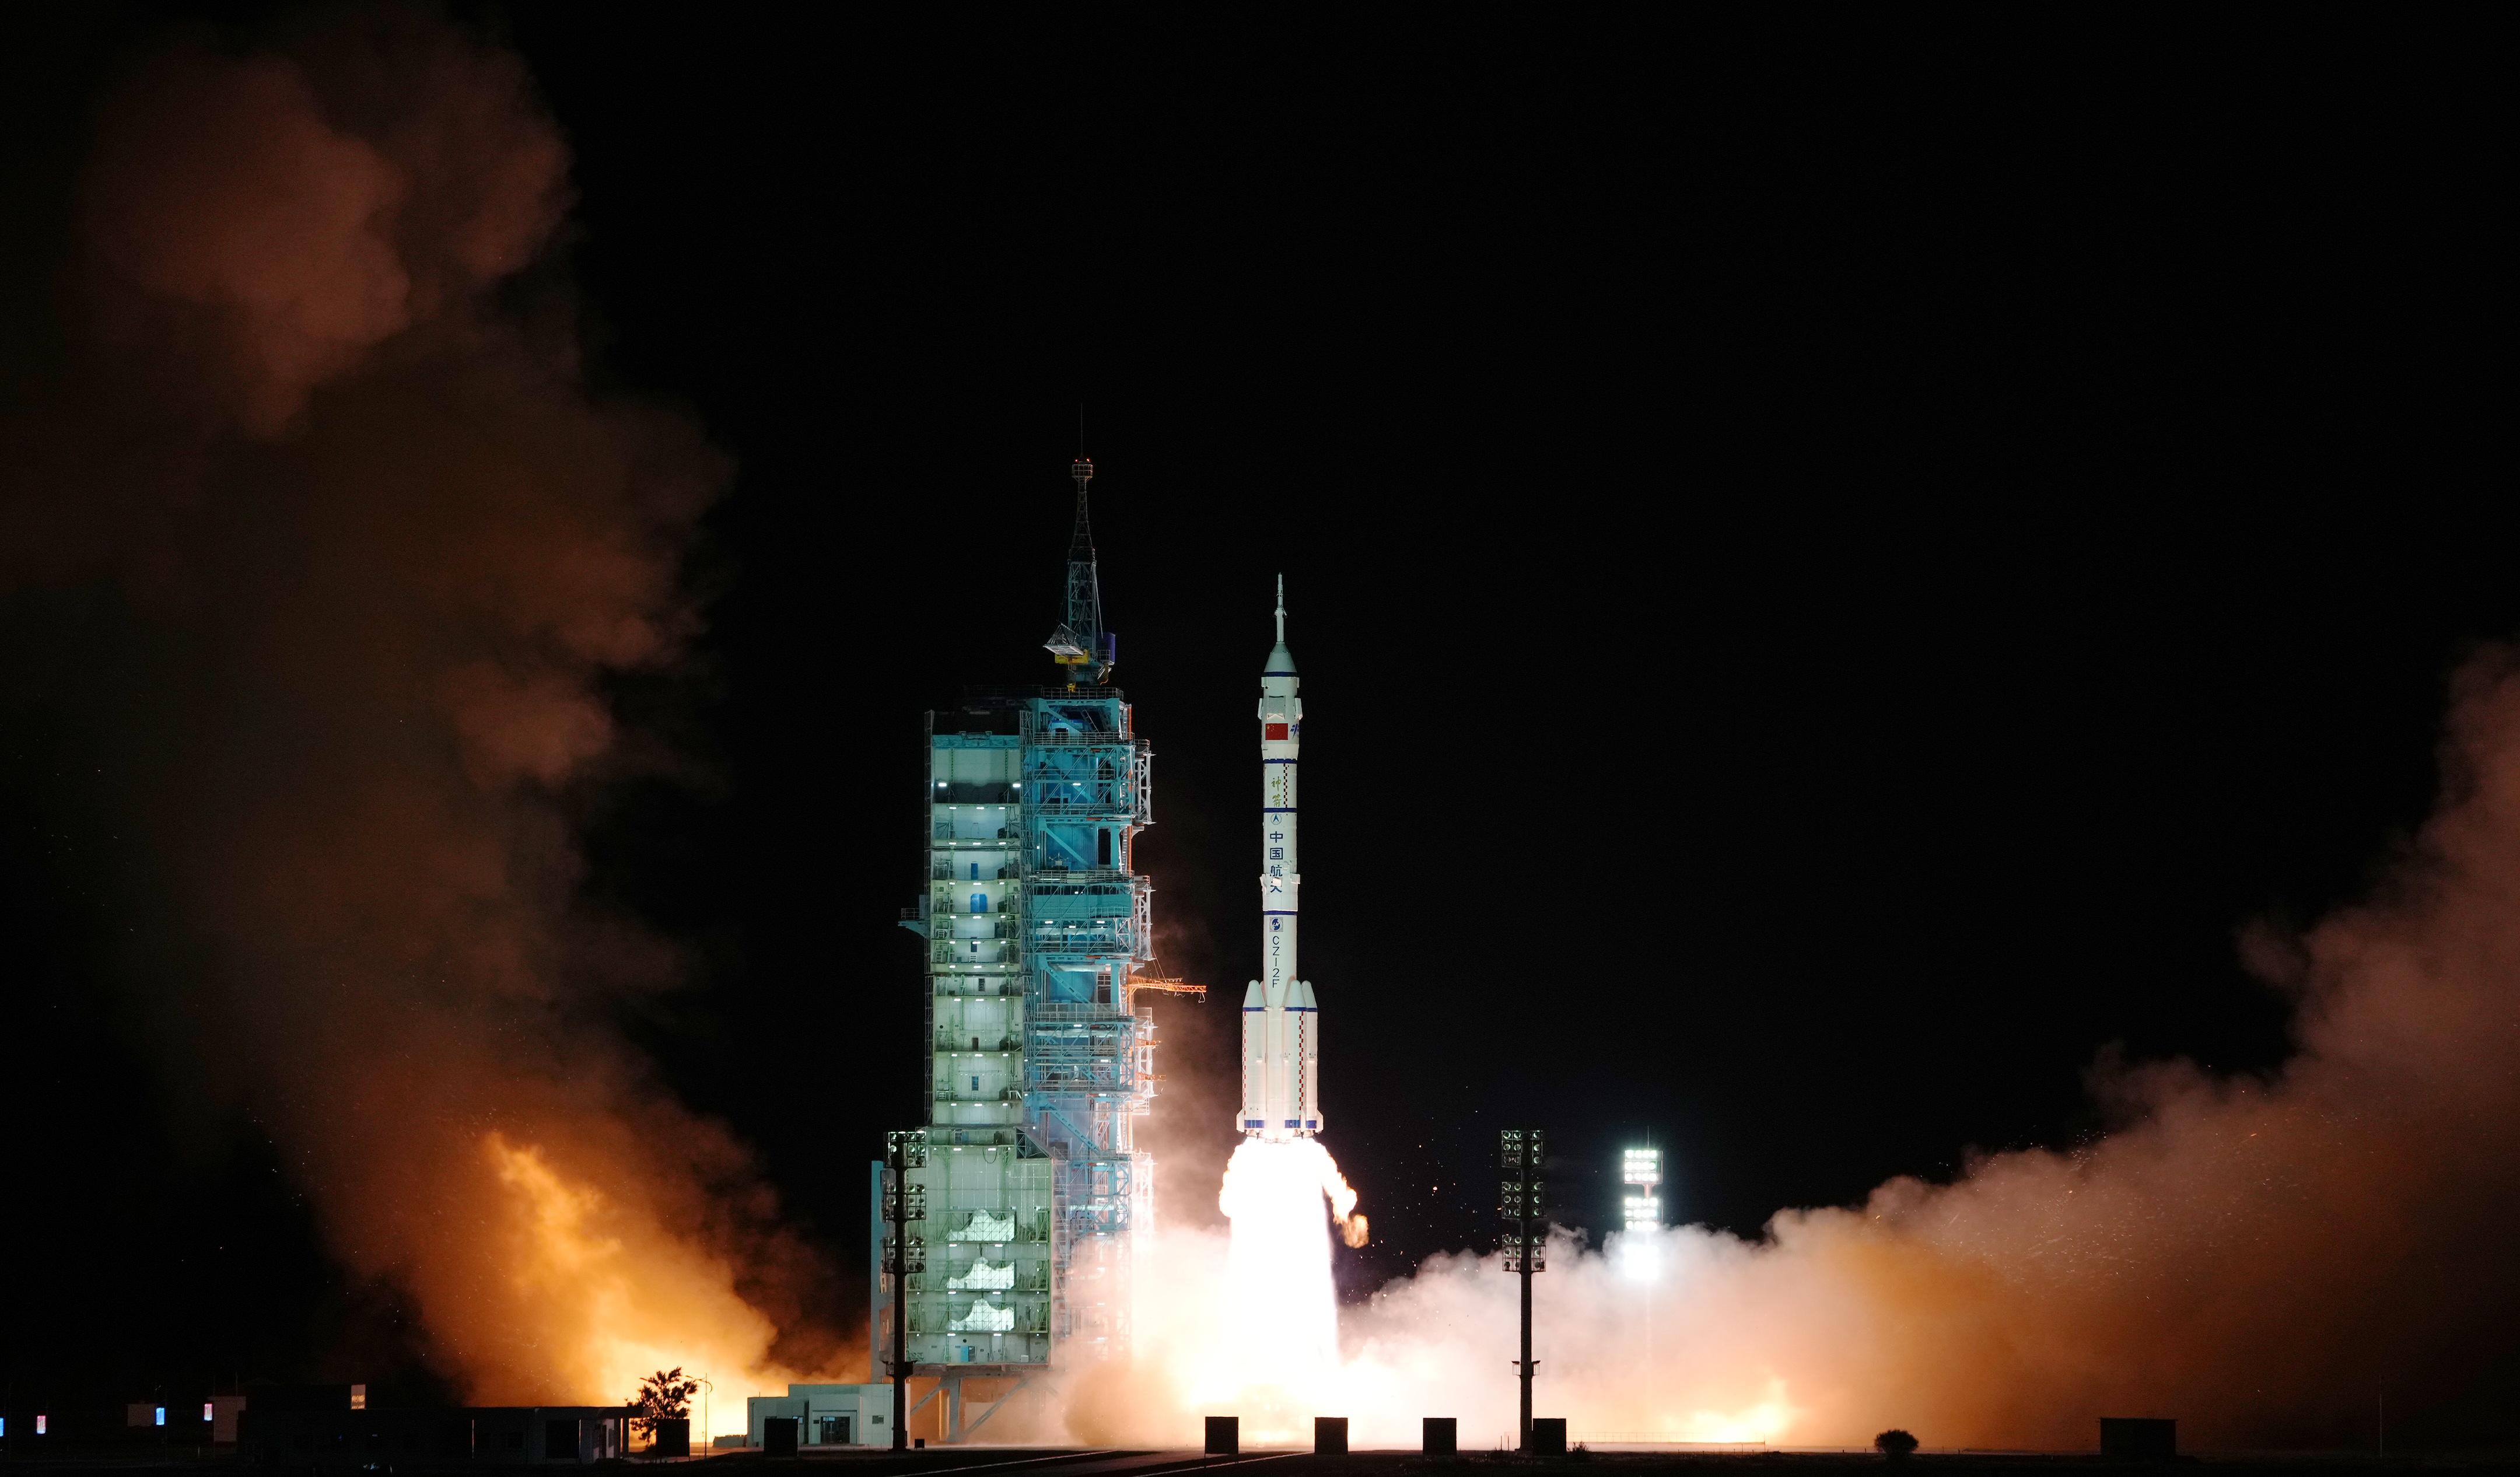 神舟十三號載人飛船發射任務特別報道